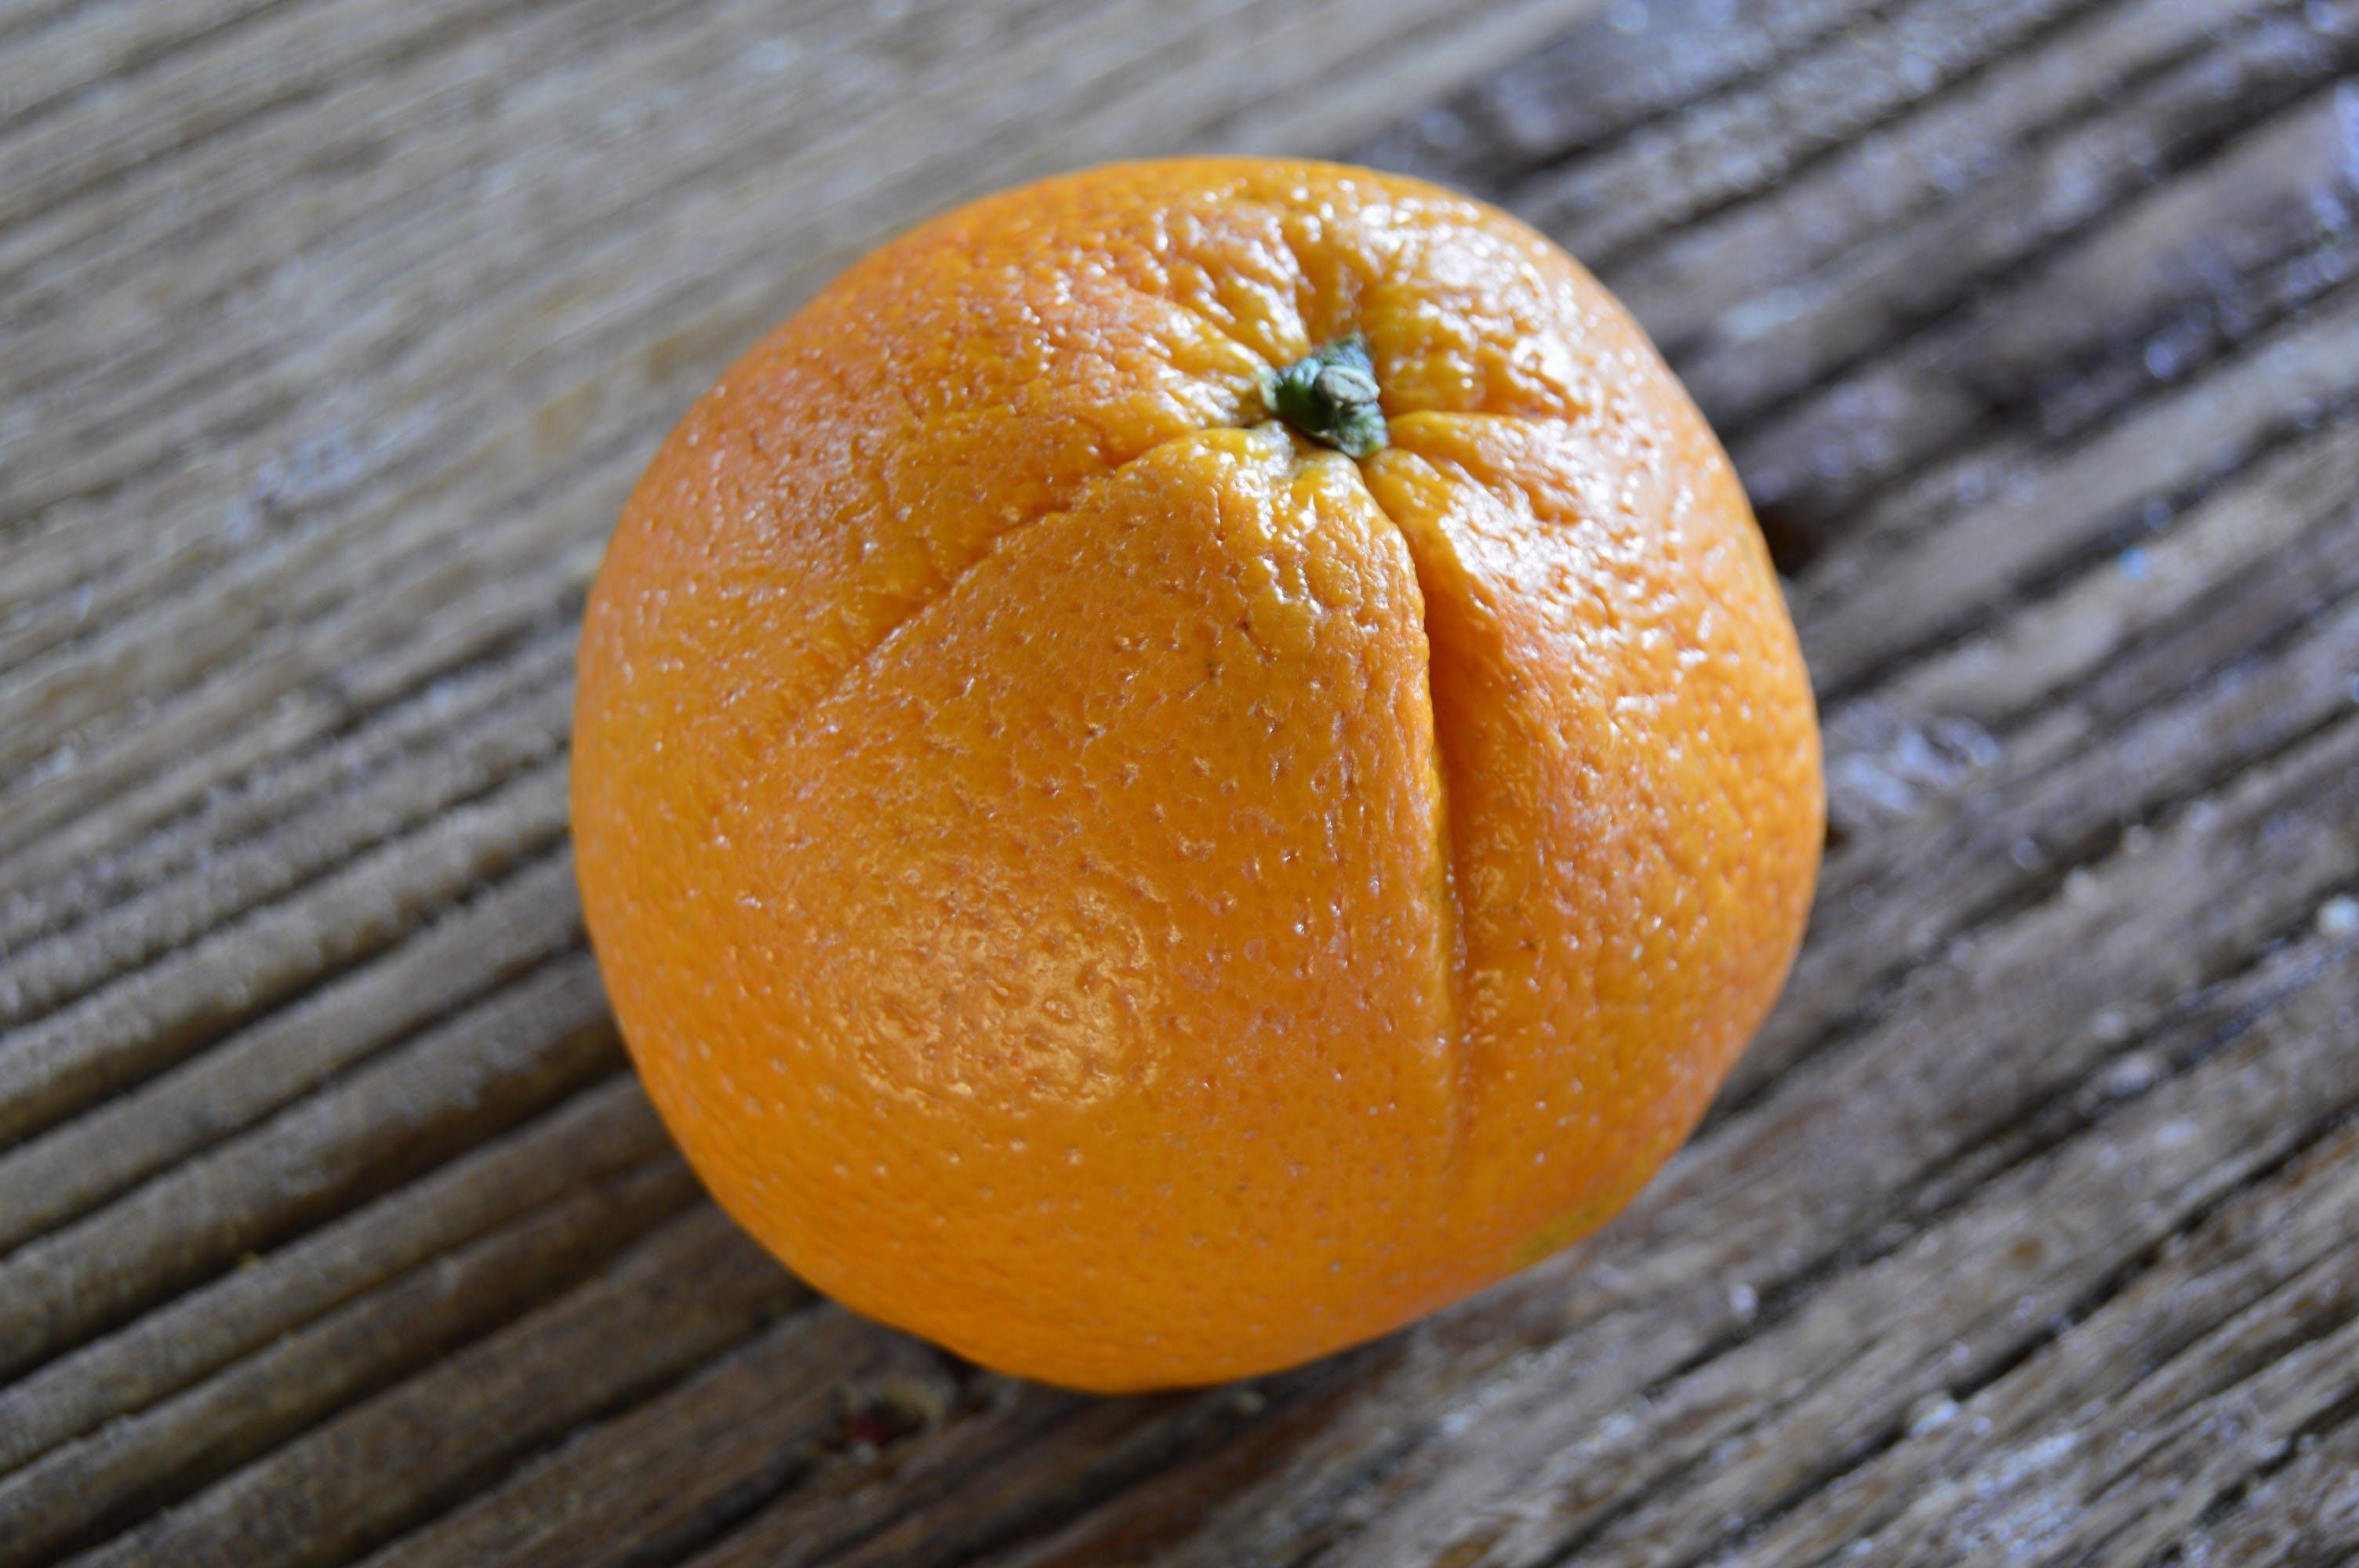 Free stock photo of fruit, indoors, inside, orange